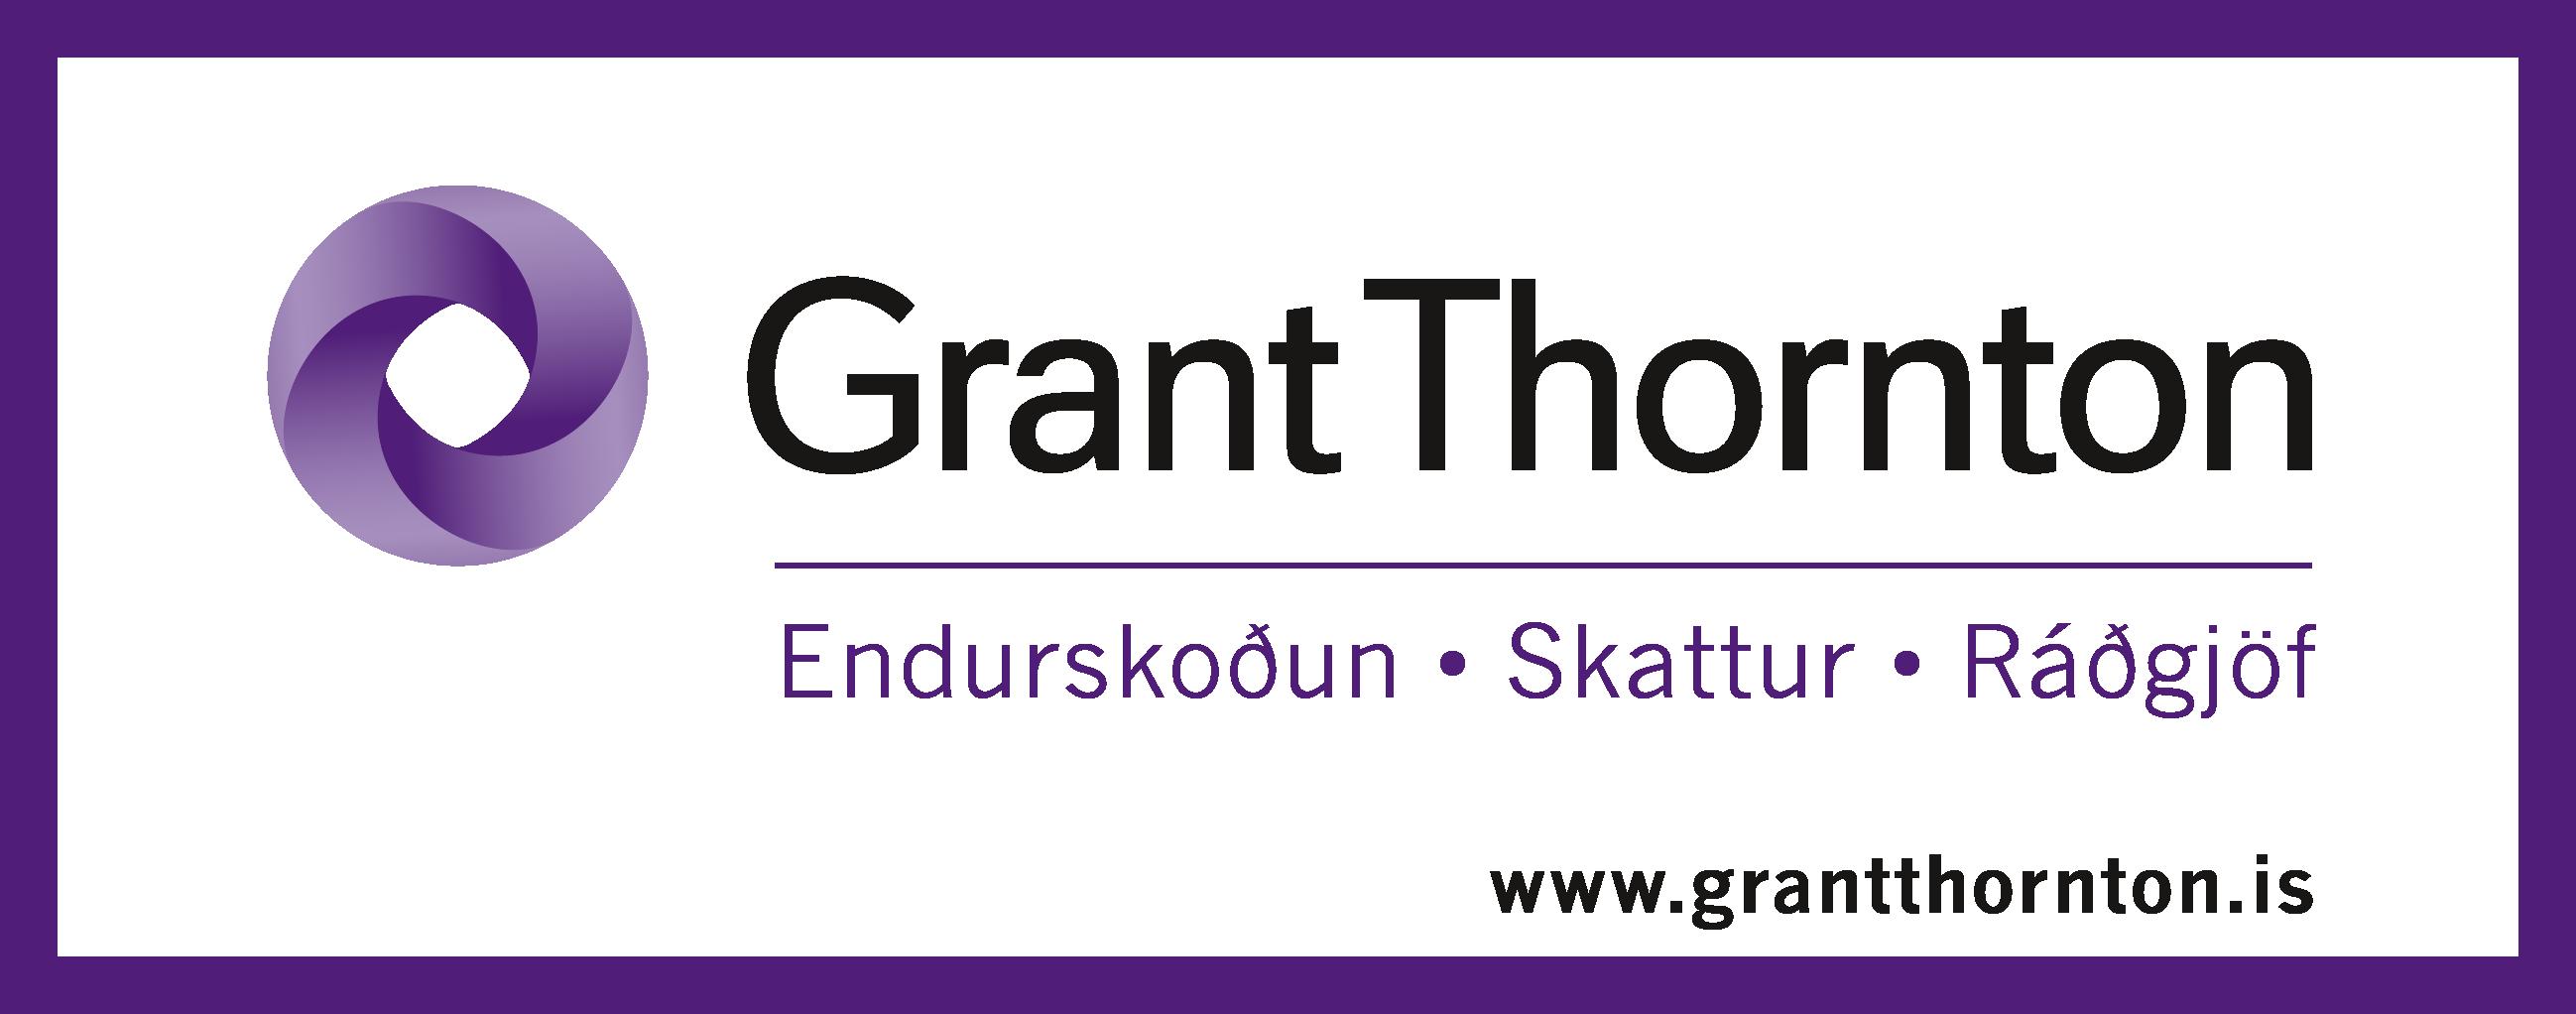 Grant Thornton endurskoðun ehf